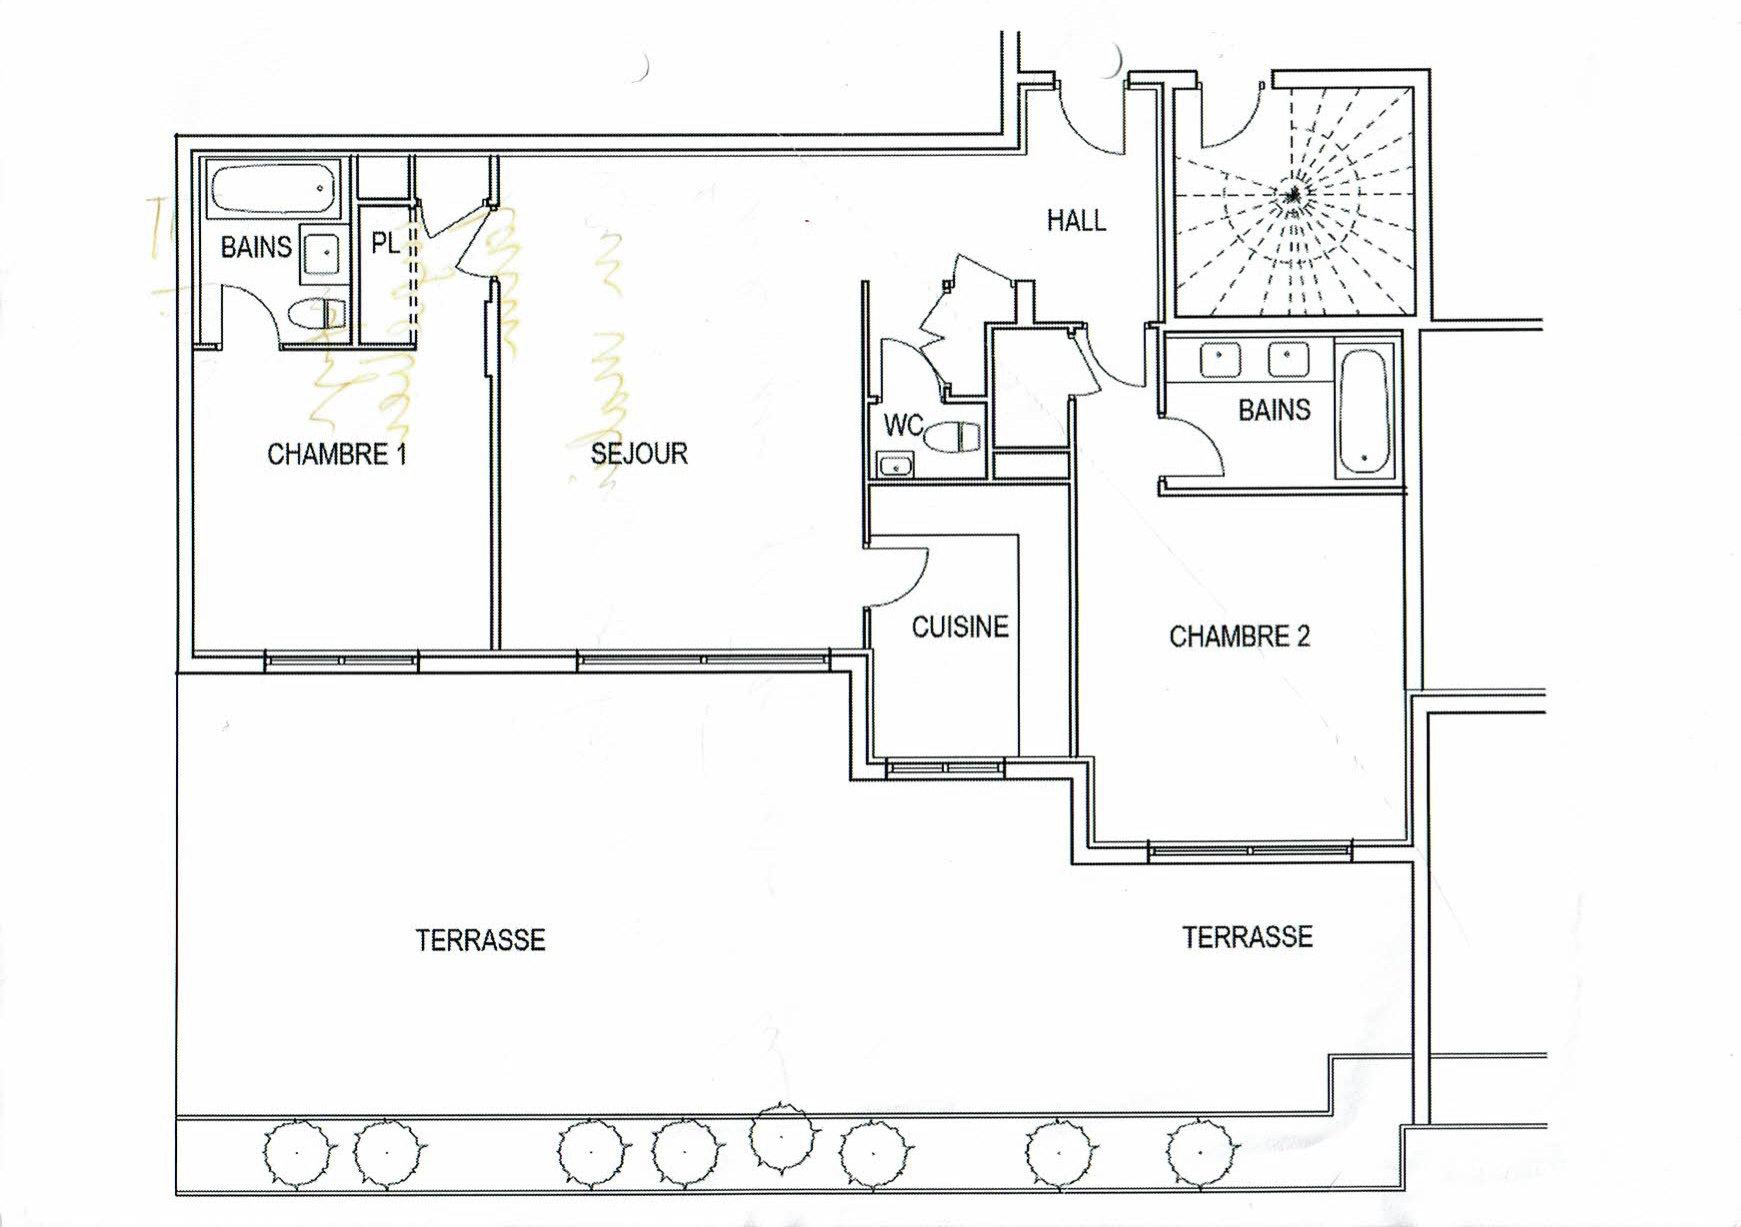 Korttidsuthyrning Lägenhet - Le Cannet